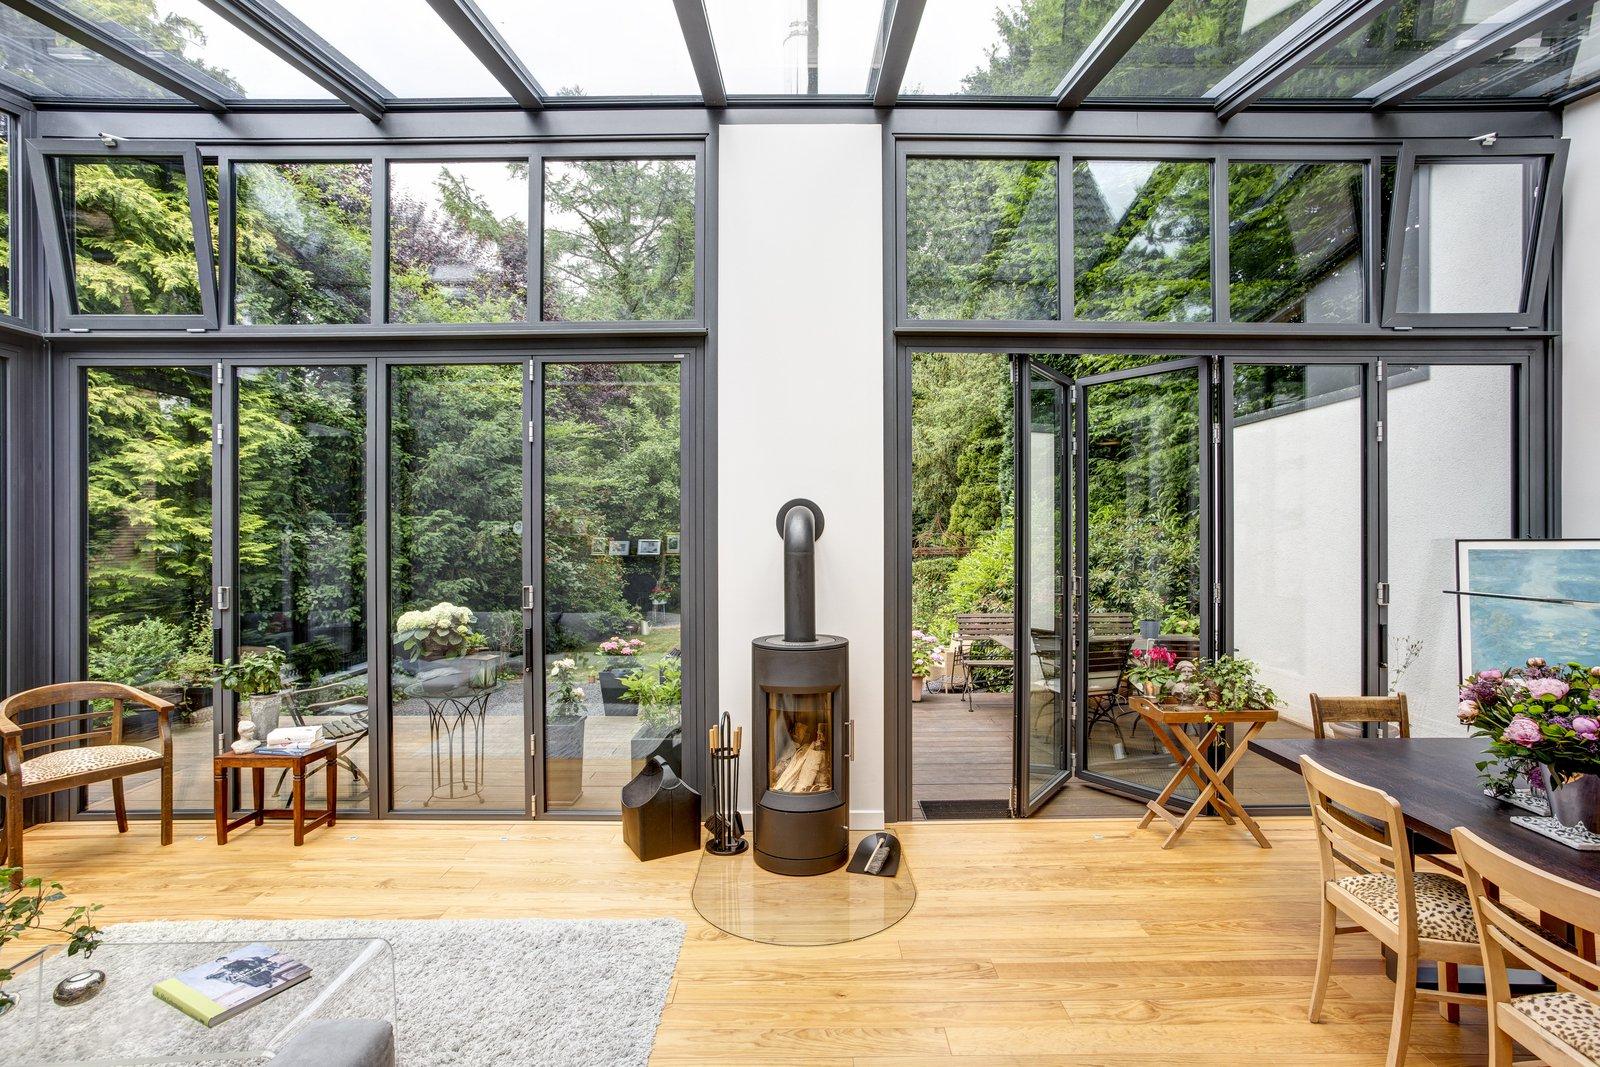 wintergarten und bad f r ein backsteinhaus embert innenarchitektur. Black Bedroom Furniture Sets. Home Design Ideas